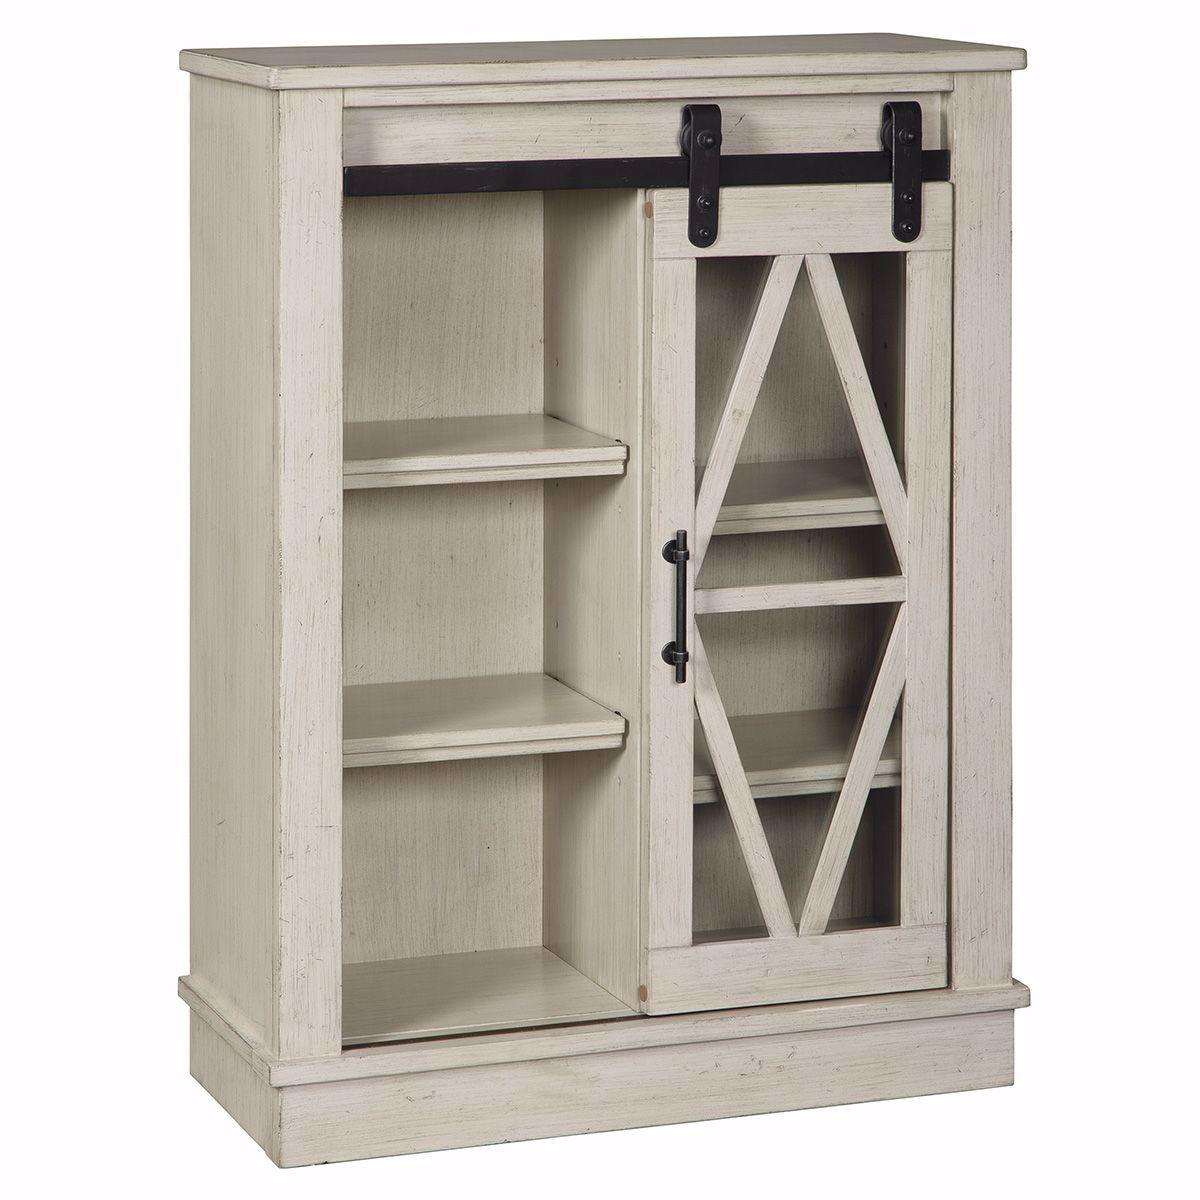 Picture of Bronfield Barn Door Cabinet